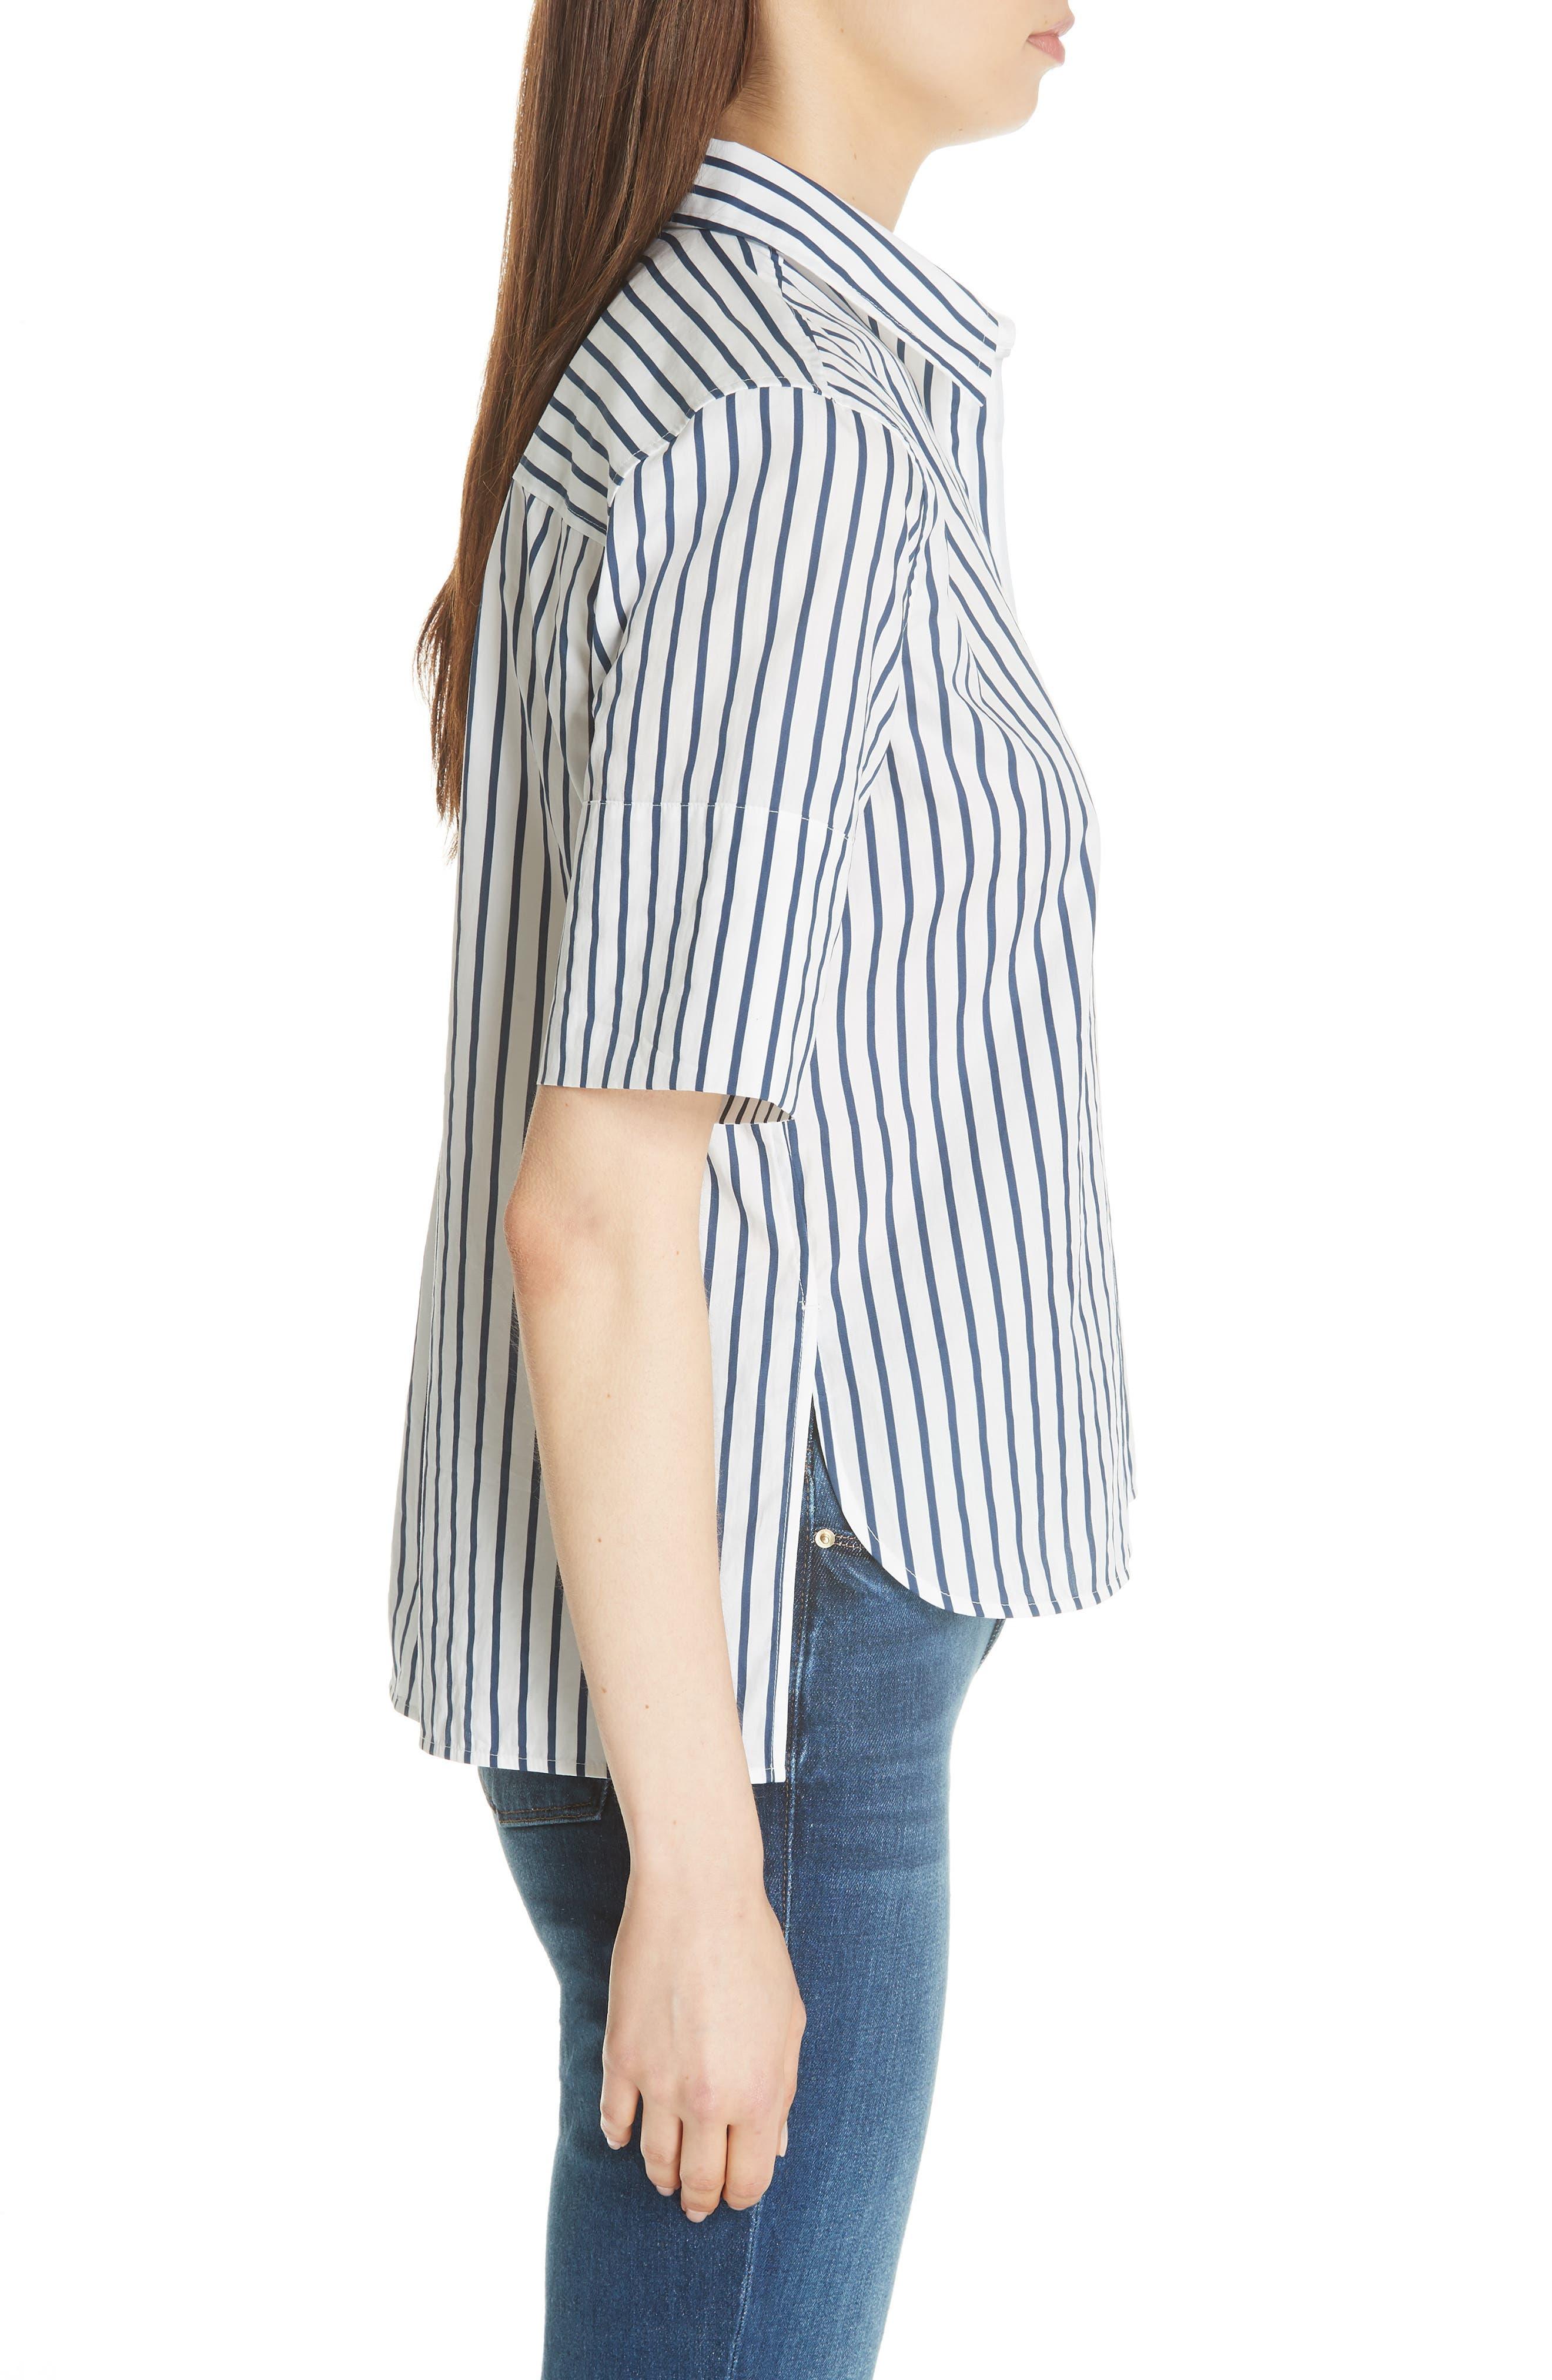 Paulette Short Sleeve Cotton Top,                             Alternate thumbnail 3, color,                             ECLIPSE/ BRIGHT WHITE